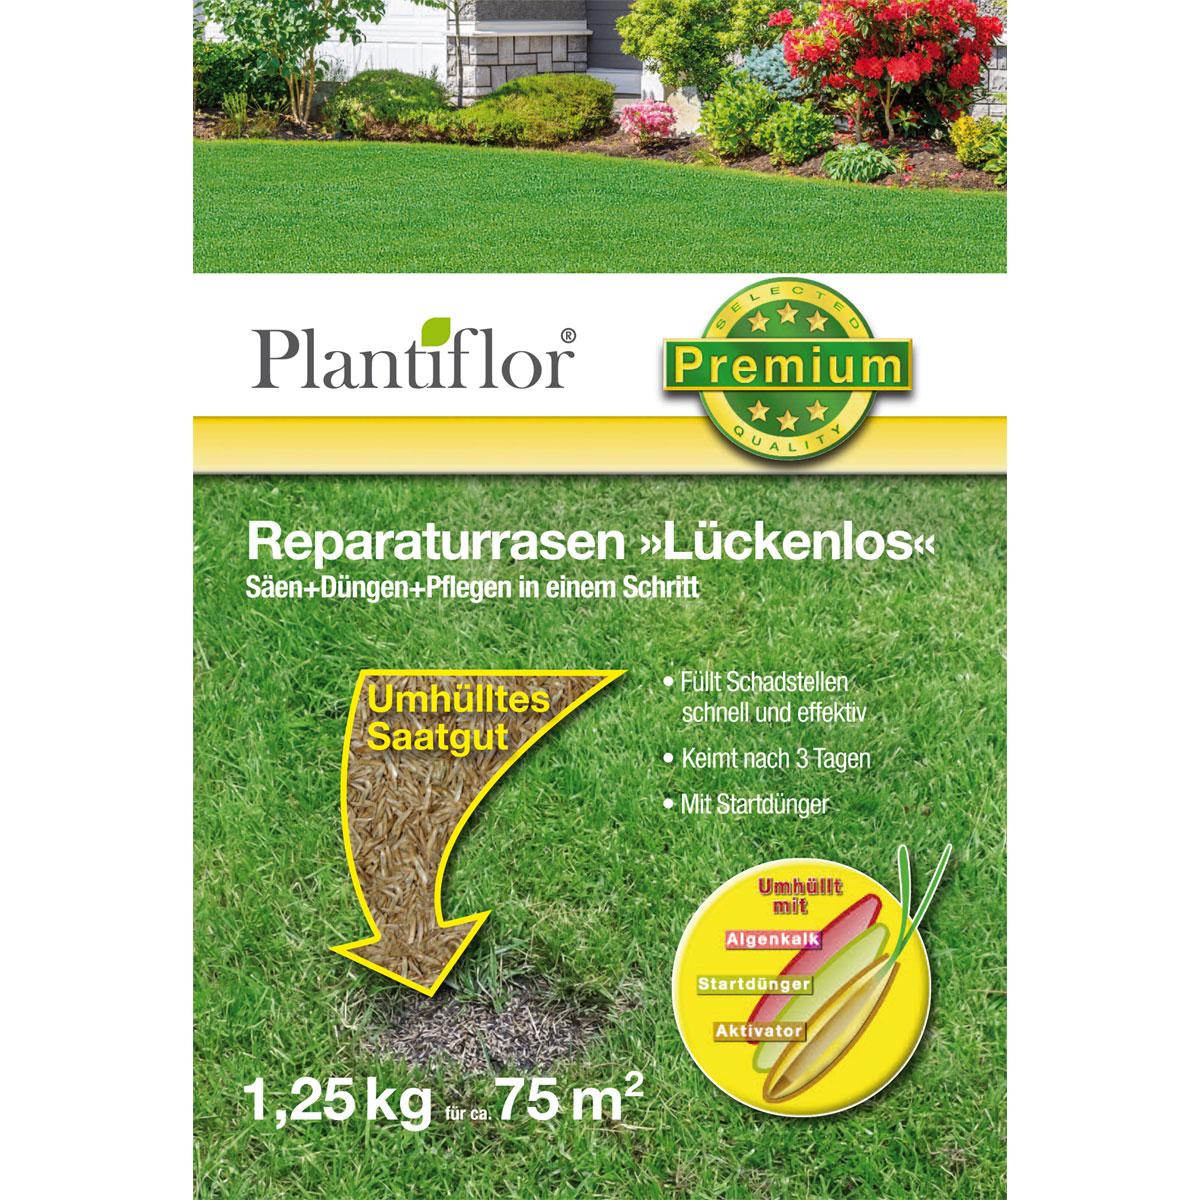 """Plantiflor Premium-Reparaturrasen """"Lückenlos"""", 1,25 kg"""